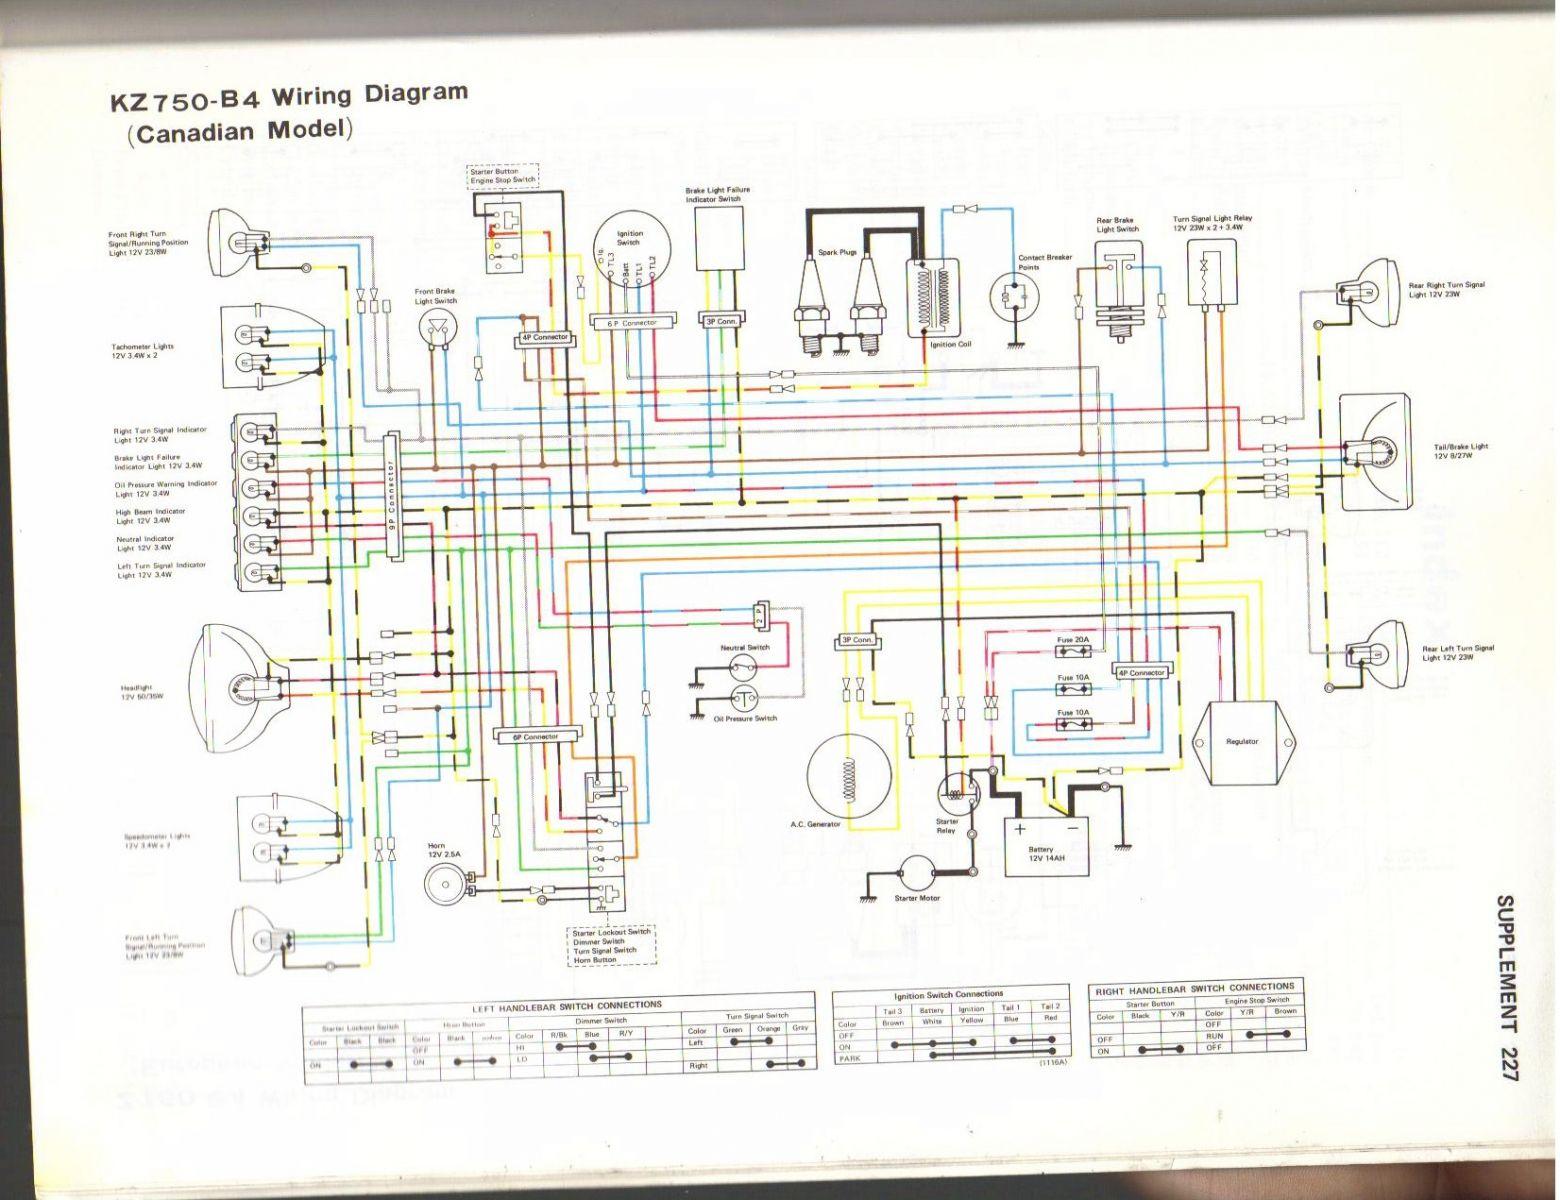 kz750b4wiringdiagram?resize\\\\\\\\\\\\\\\\\\\\\\\\\=665%2C512\\\\\\\\\\\\\\\\\\\\\\\\\&ssl\\\\\\\\\\\\\\\\\\\\\\\\\=1 1982 kz650h wiring diagram wiring diagram simonand 1980 kawasaki kz440 wiring diagram at soozxer.org